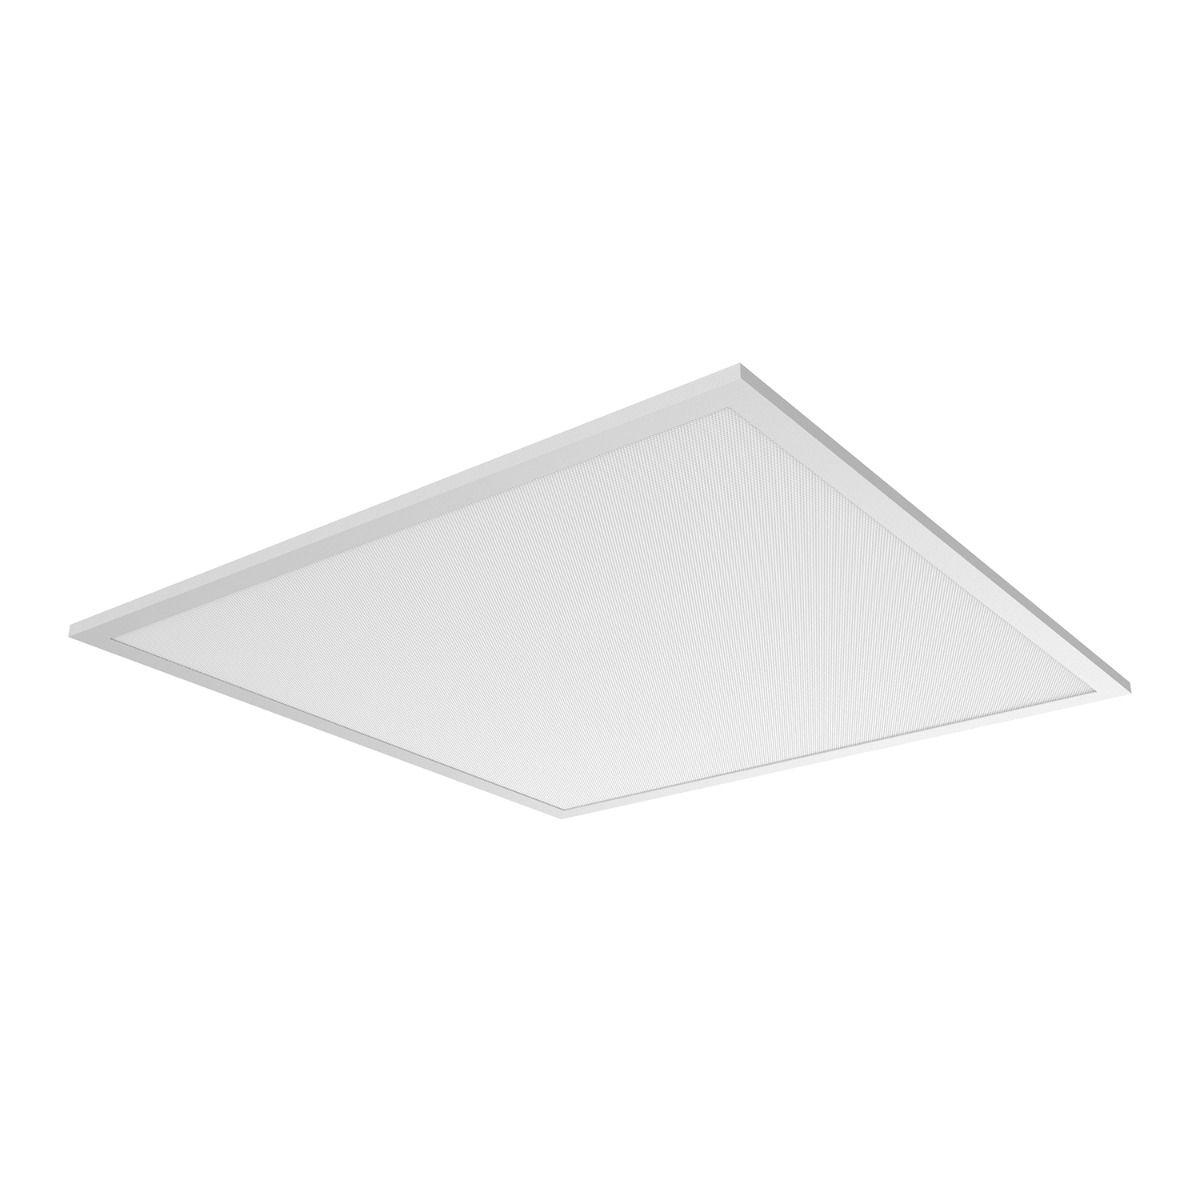 Noxion LED Panel Delta Pro V3 Highlum 36W 3000K 5225lm 60x60cm UGR